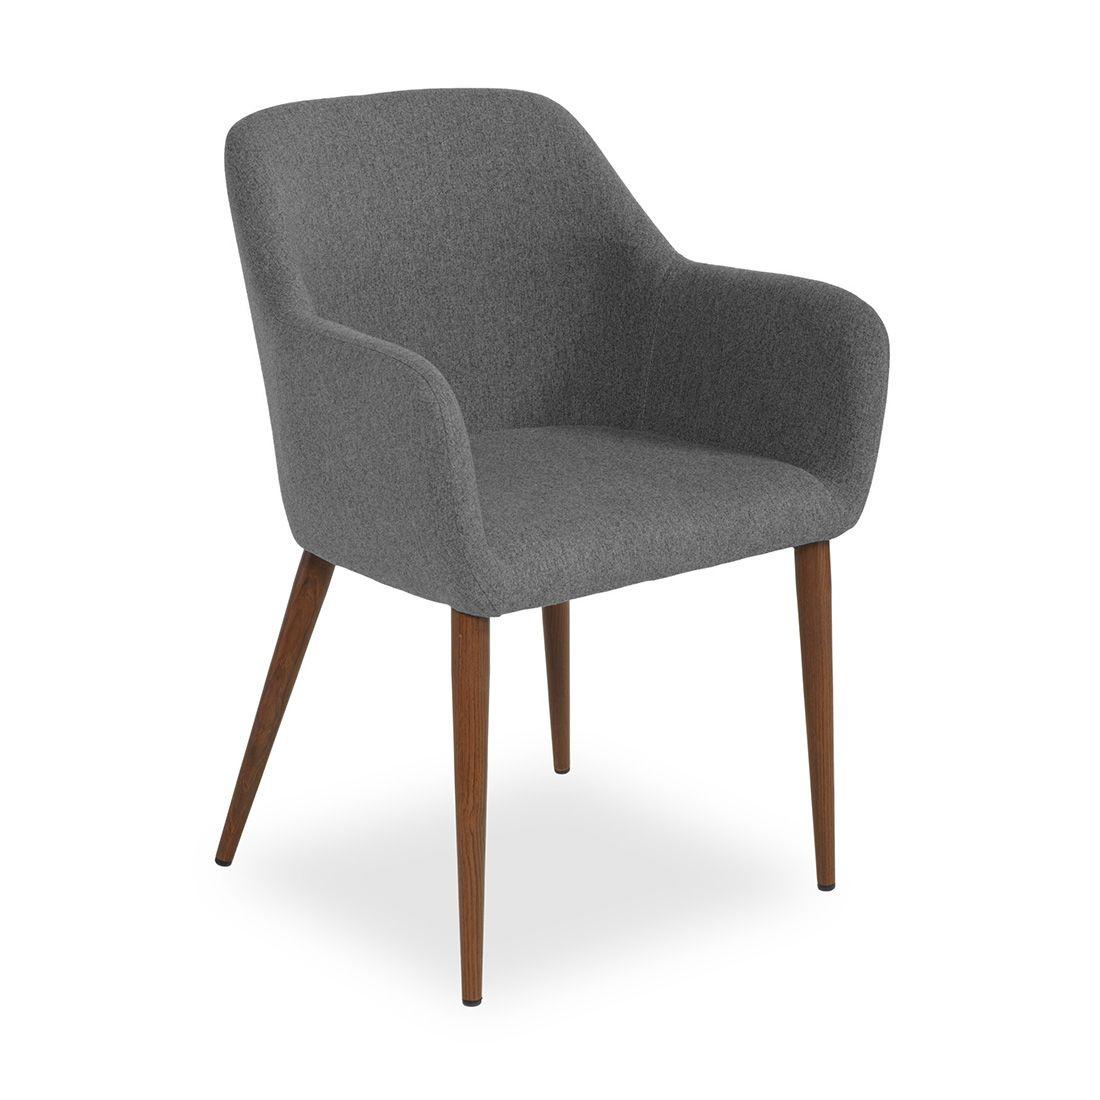 Купить Кресло Federica орех/серое в интернет магазине дизайнерской мебели и аксессуаров для дома и дачи